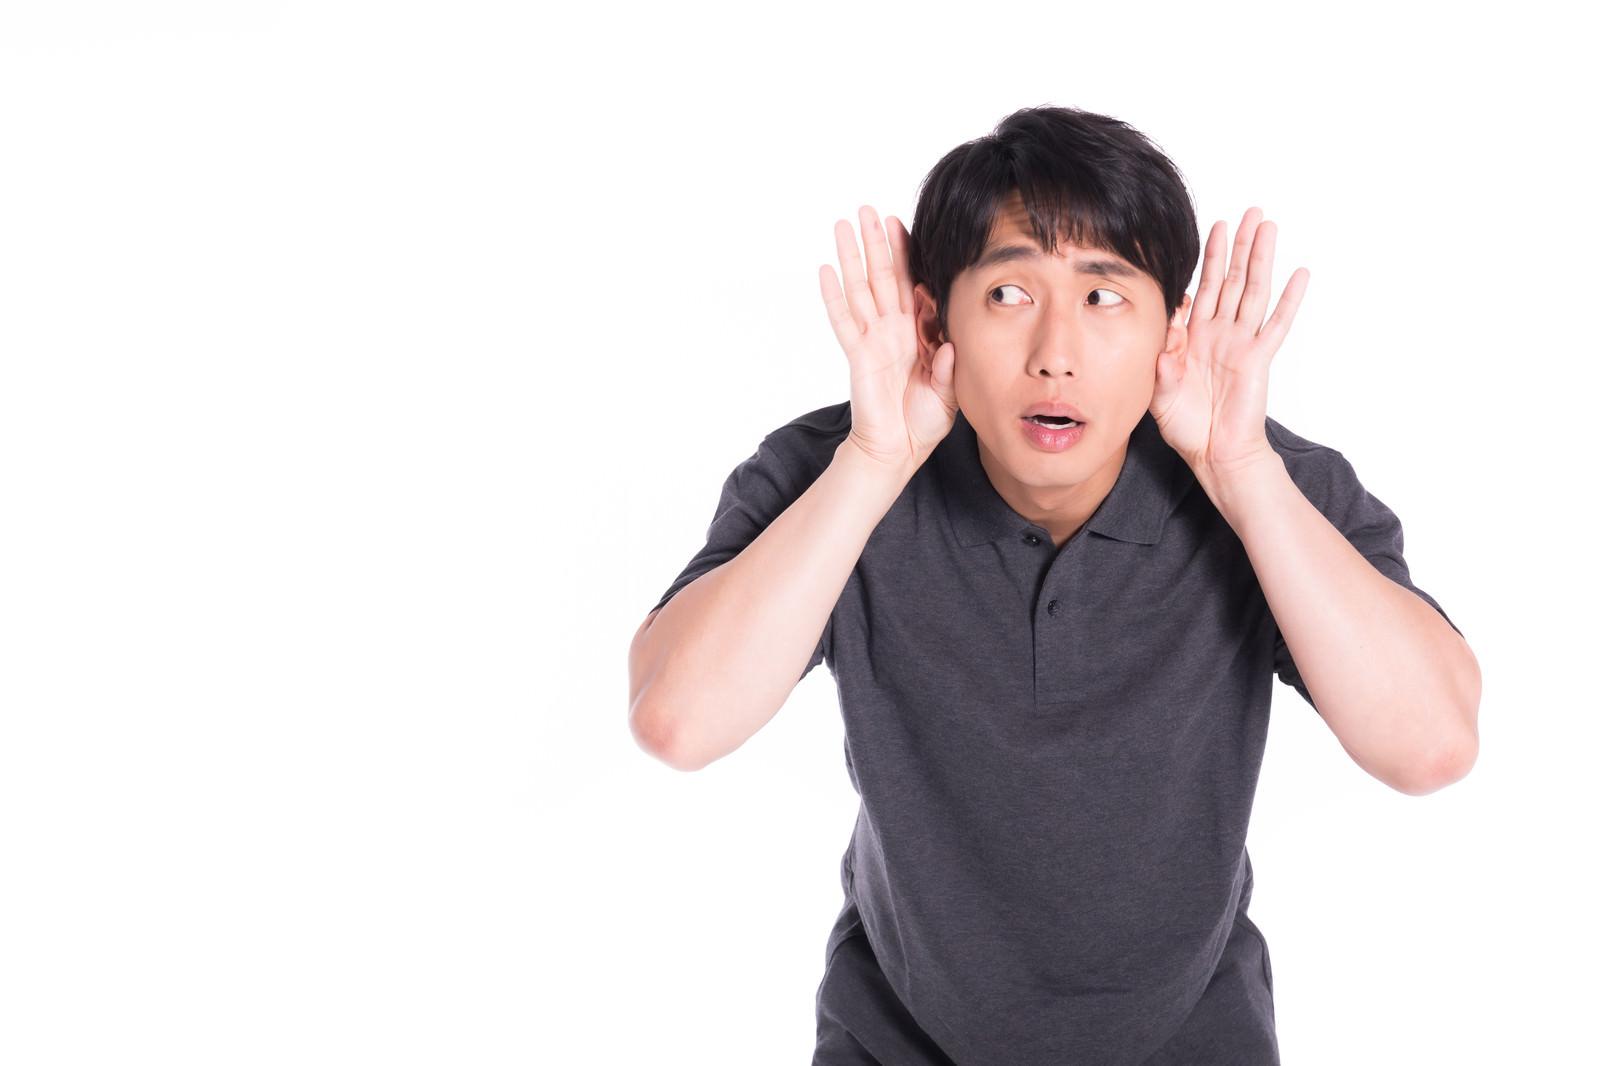 「近隣住民の騒音に悩む男性」の写真[モデル:大川竜弥]